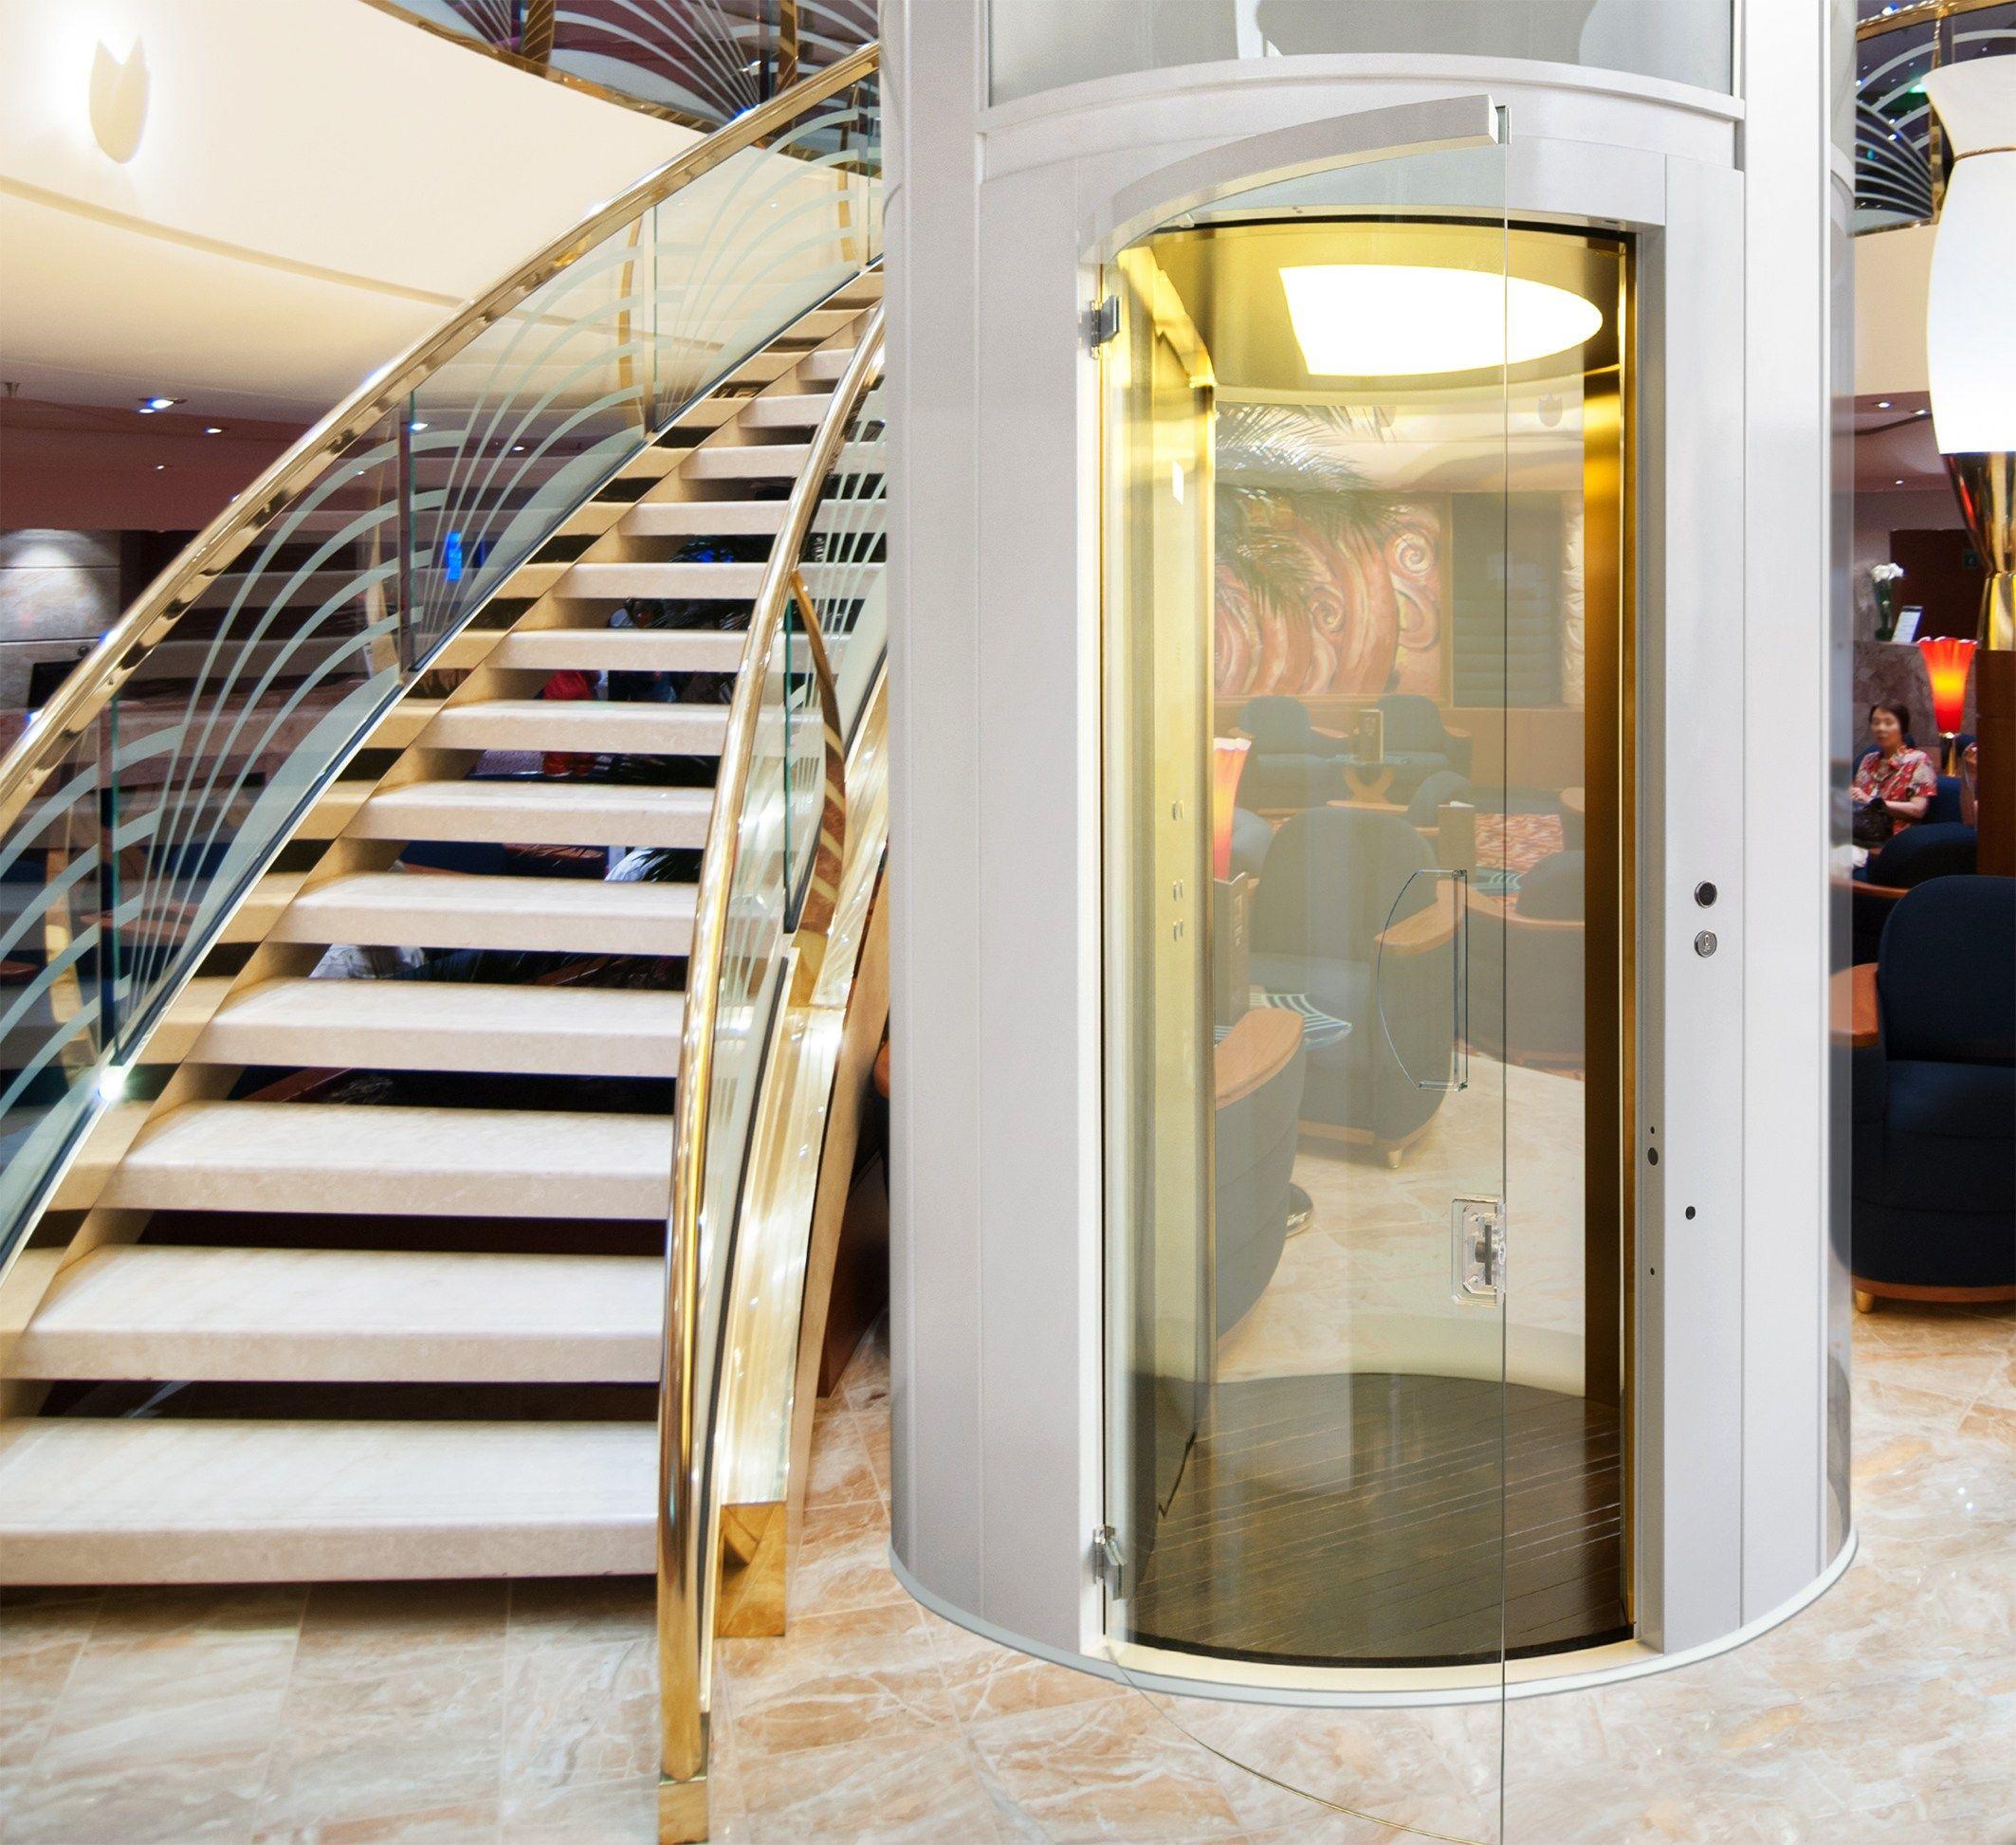 Miniascensore elettrico tondo giotto line by suite lift - Ascensori per interni ...